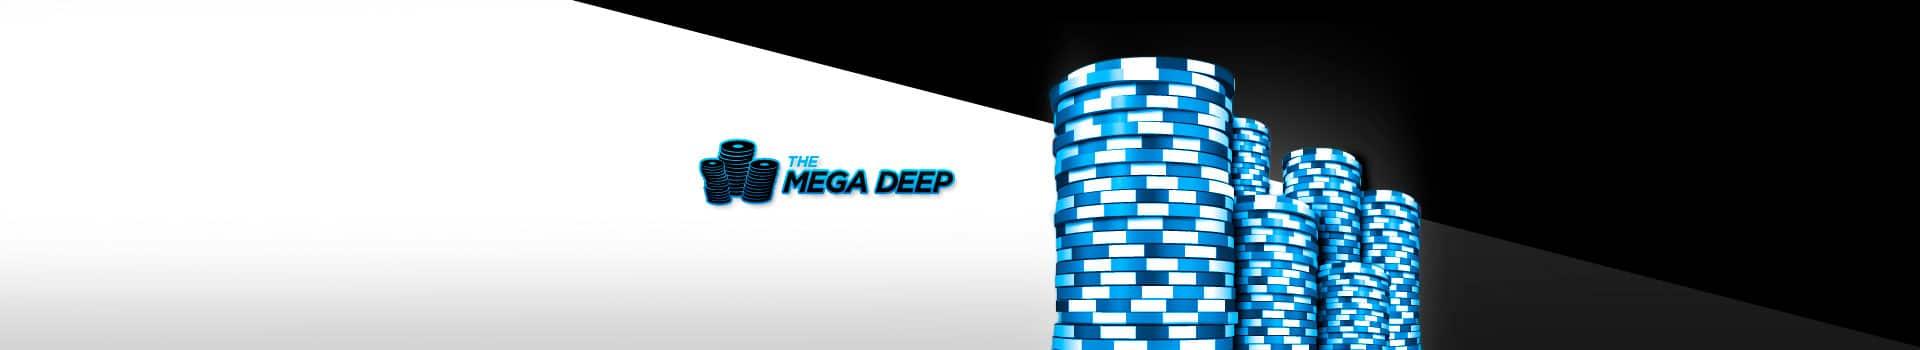 Турнир 888Poker Mega Deep